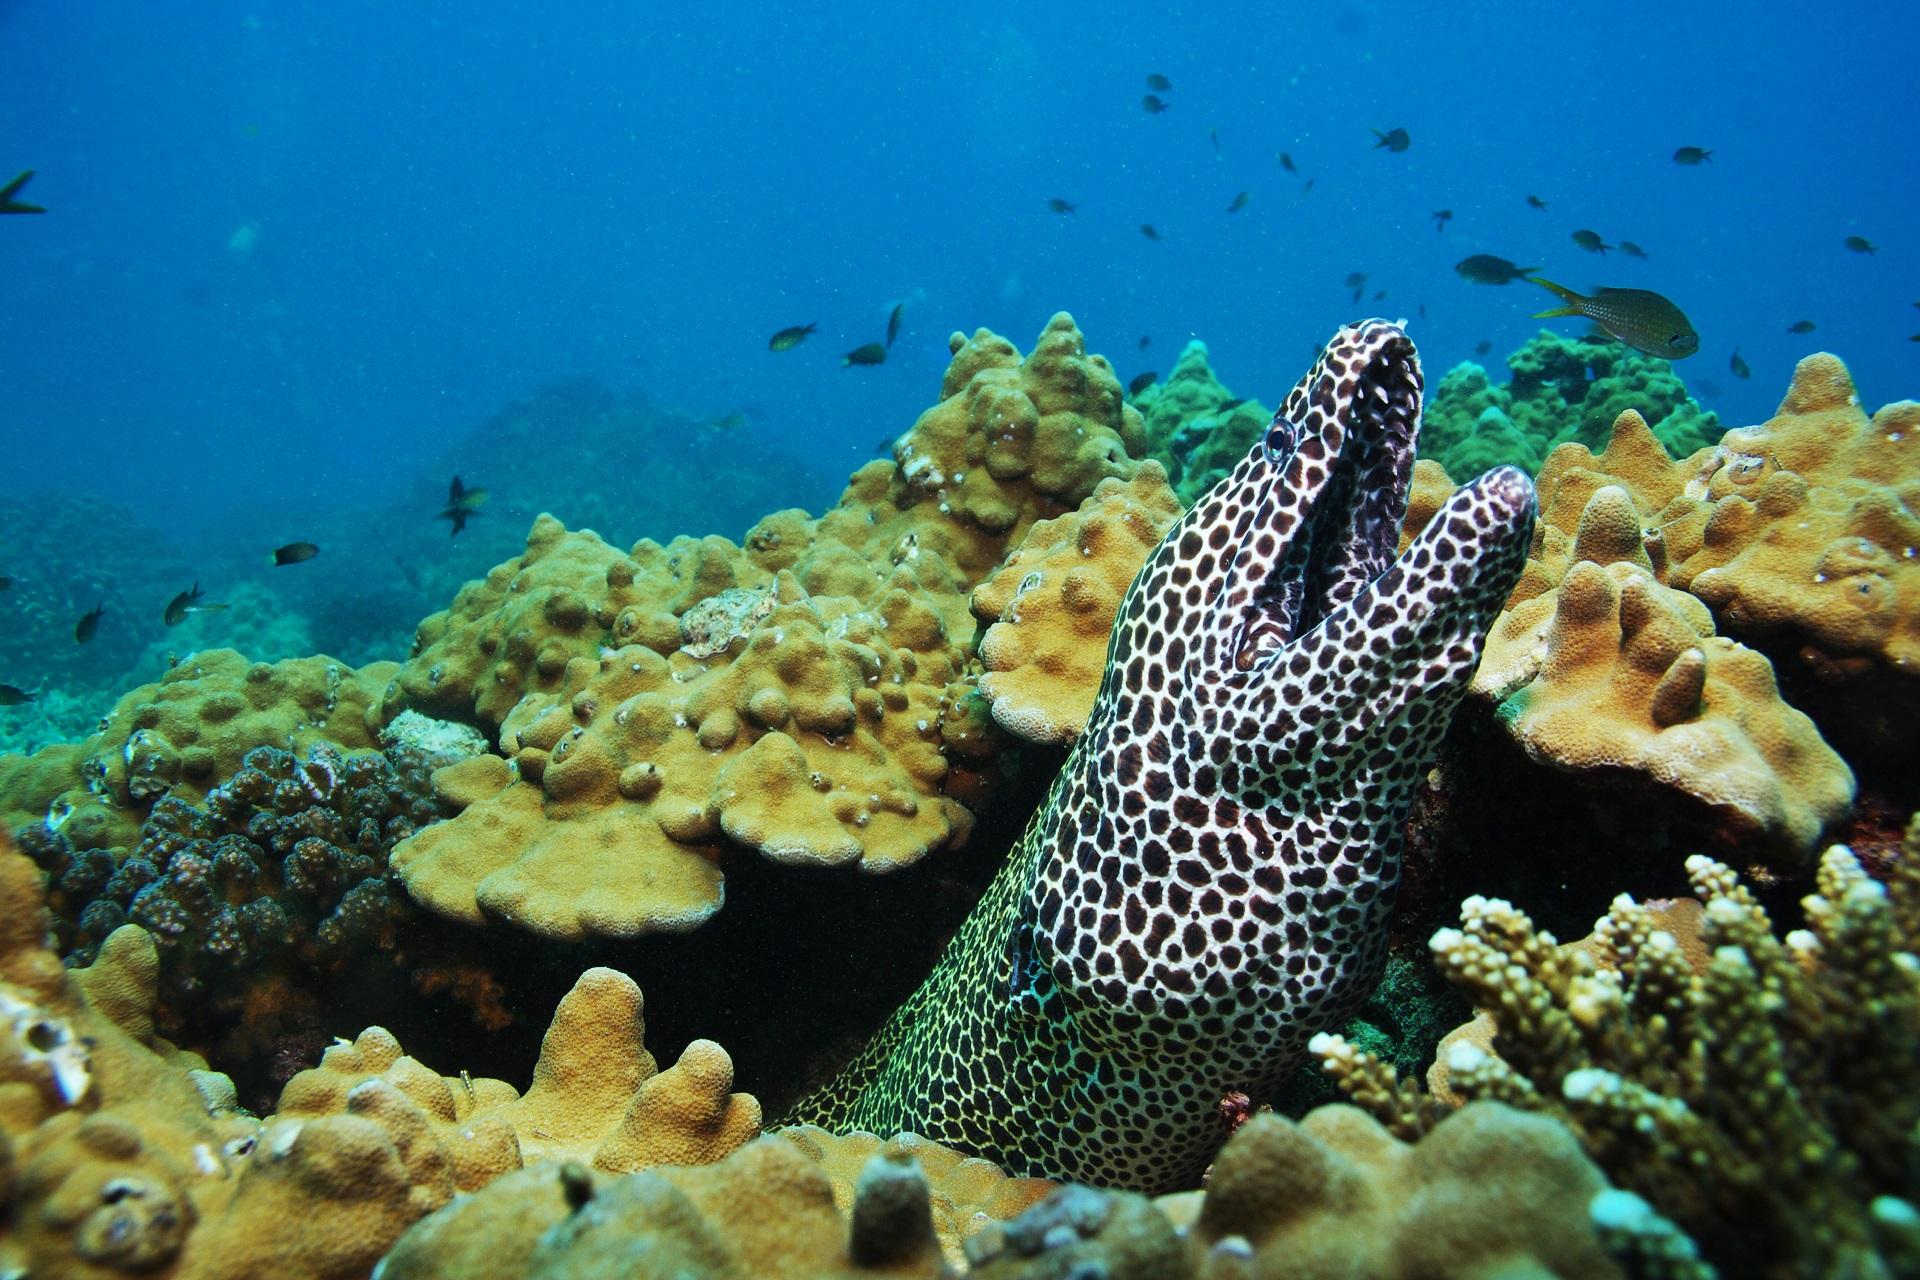 Bijzondere dieren en prachtige koralen